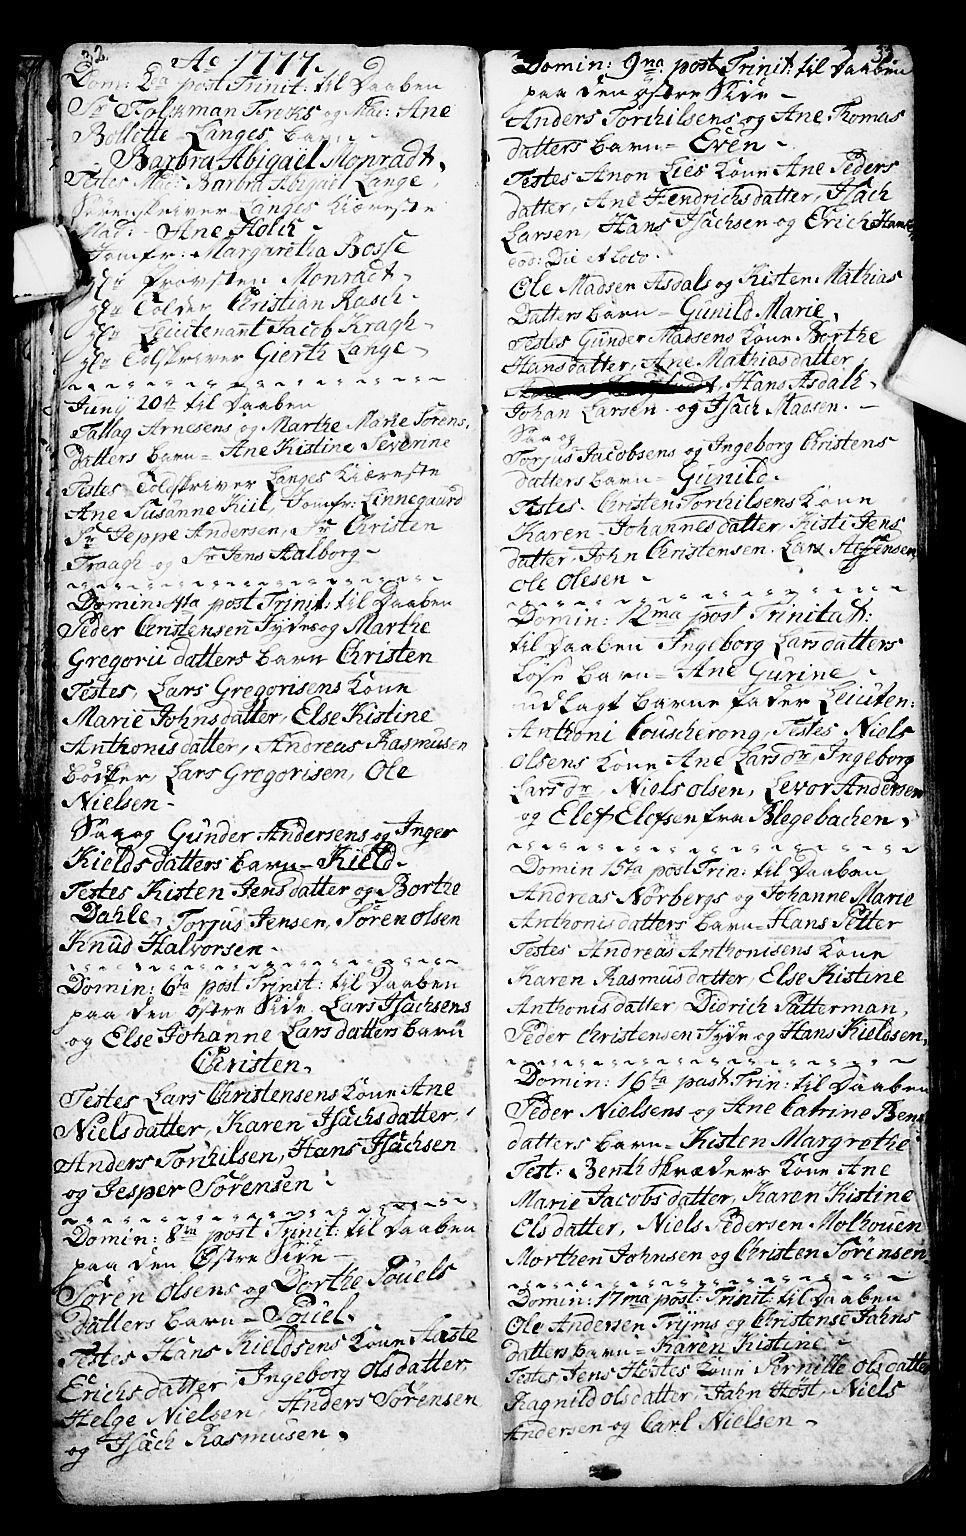 SAKO, Porsgrunn kirkebøker , G/Ga/L0001: Klokkerbok nr. I 1, 1766-1790, s. 32-33